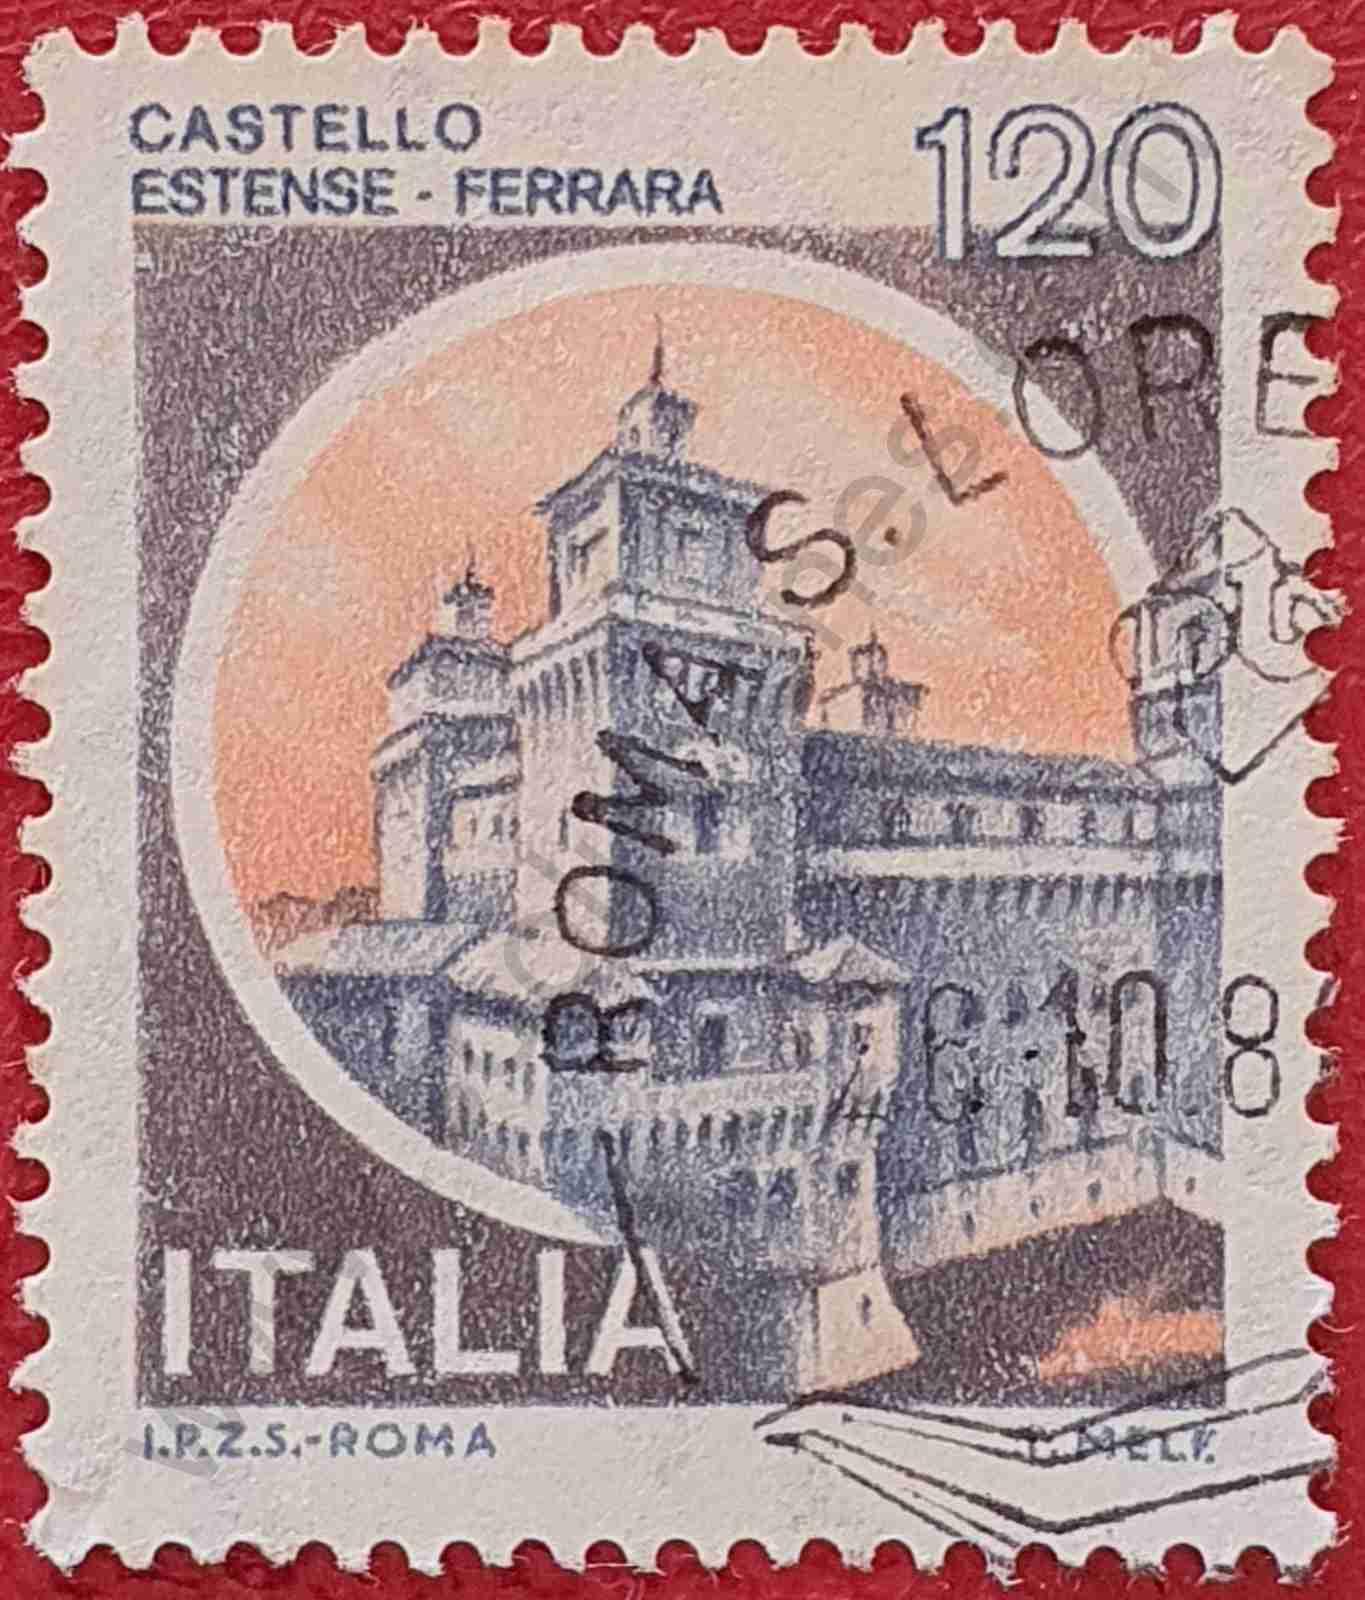 Castillo Estense - Sello Italia 1980